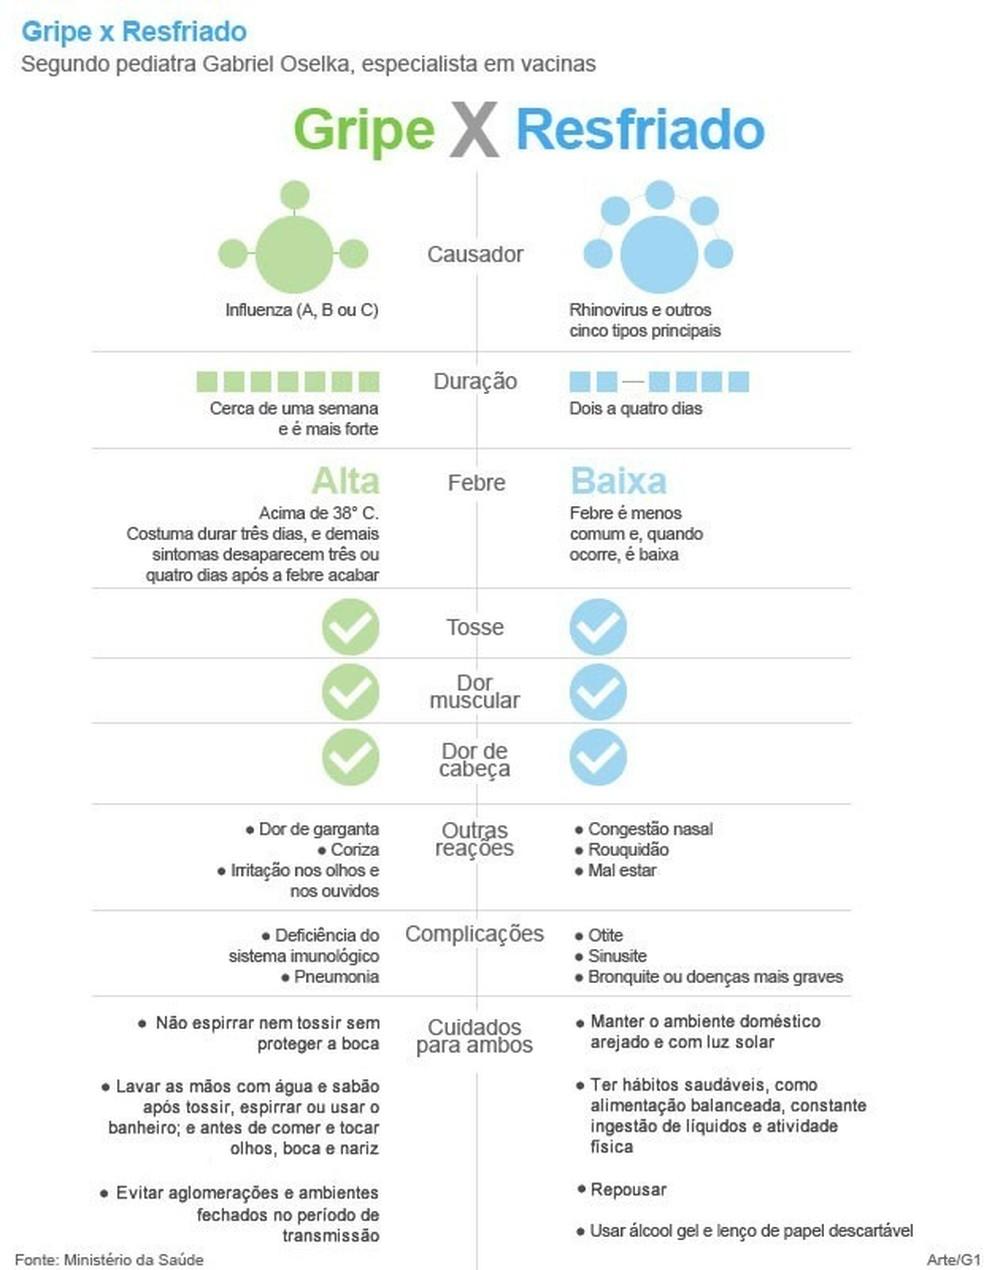 Diferenças entre gripe e resfriado (Foto: G1 )